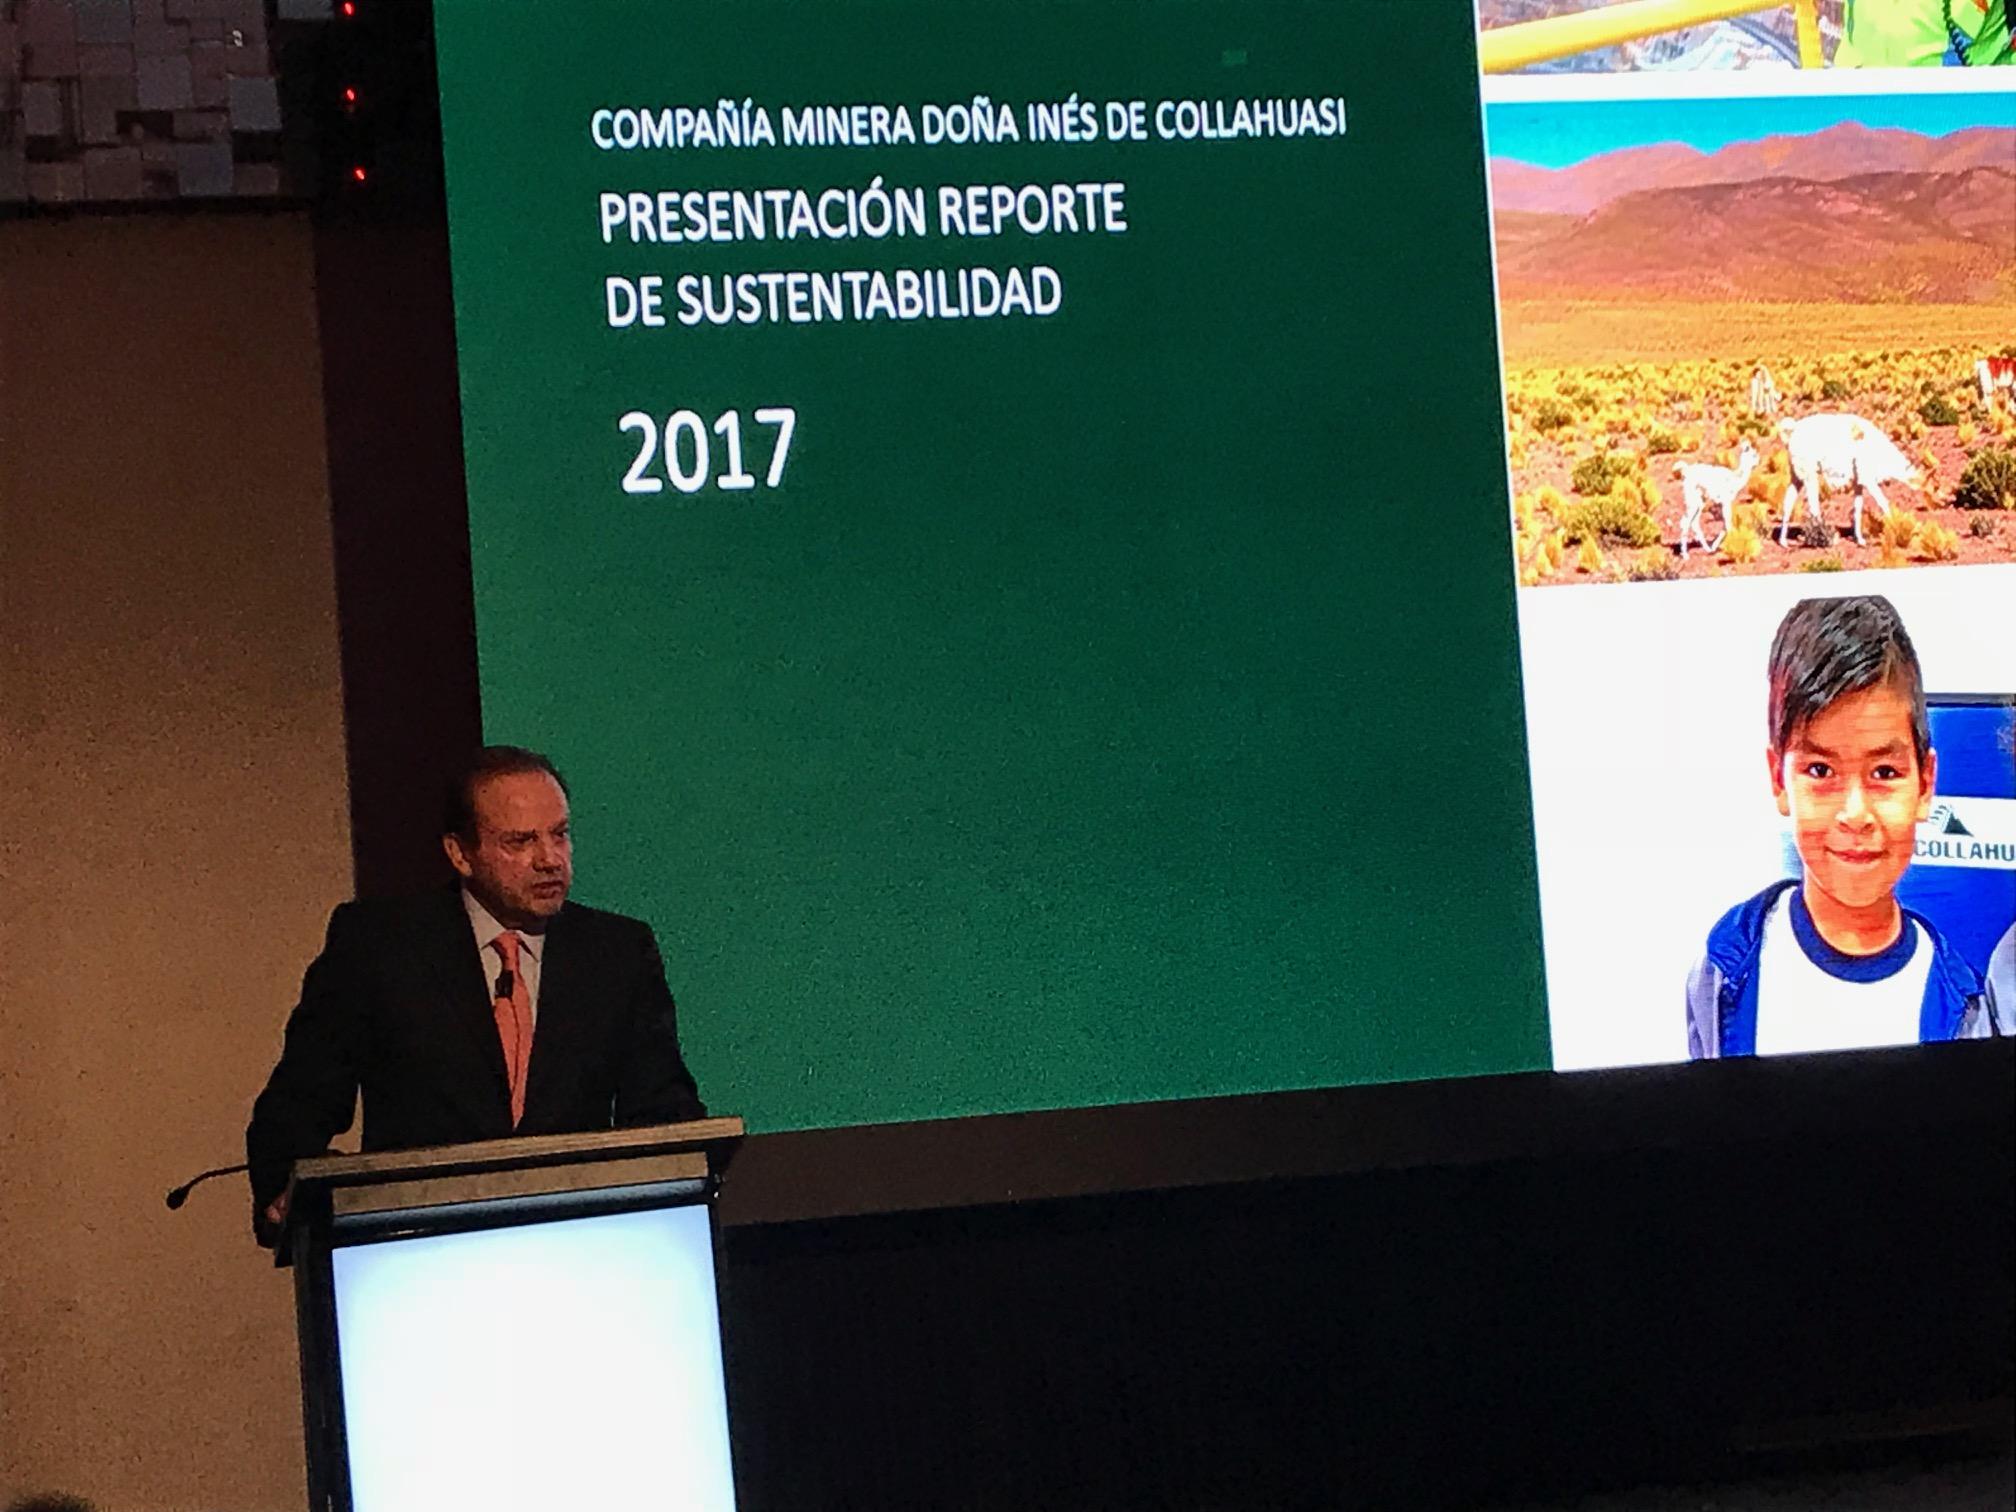 Jorge Gómez en la entrega del reporte de sustentabilidad de Collahuasi